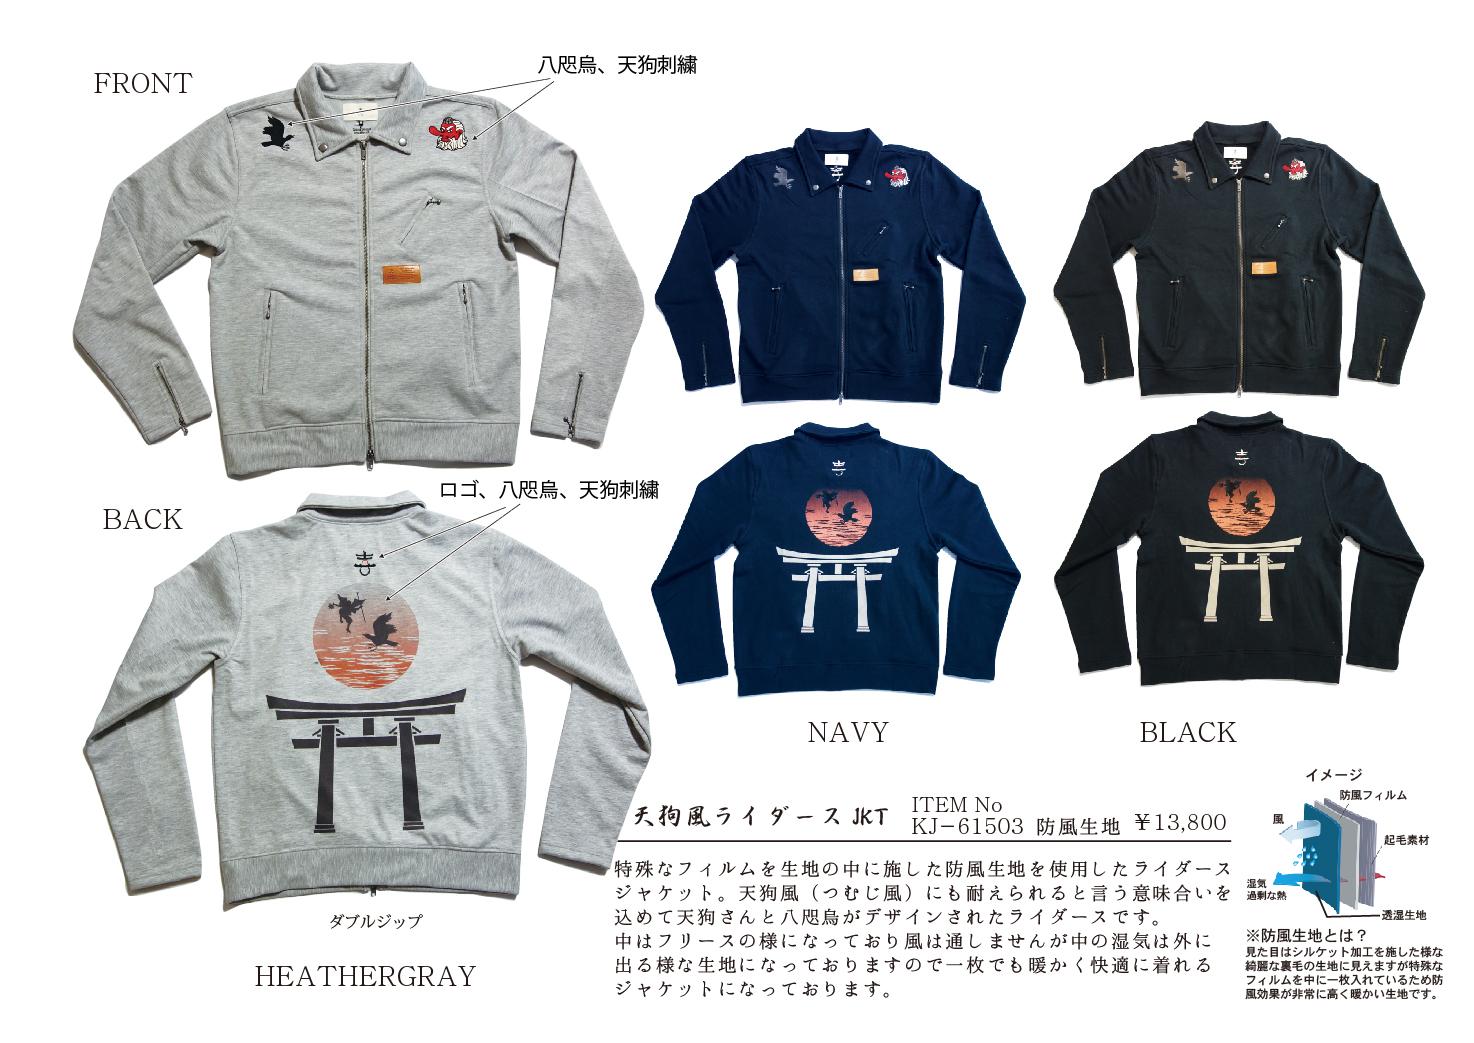 天狗風ライダースジャケット